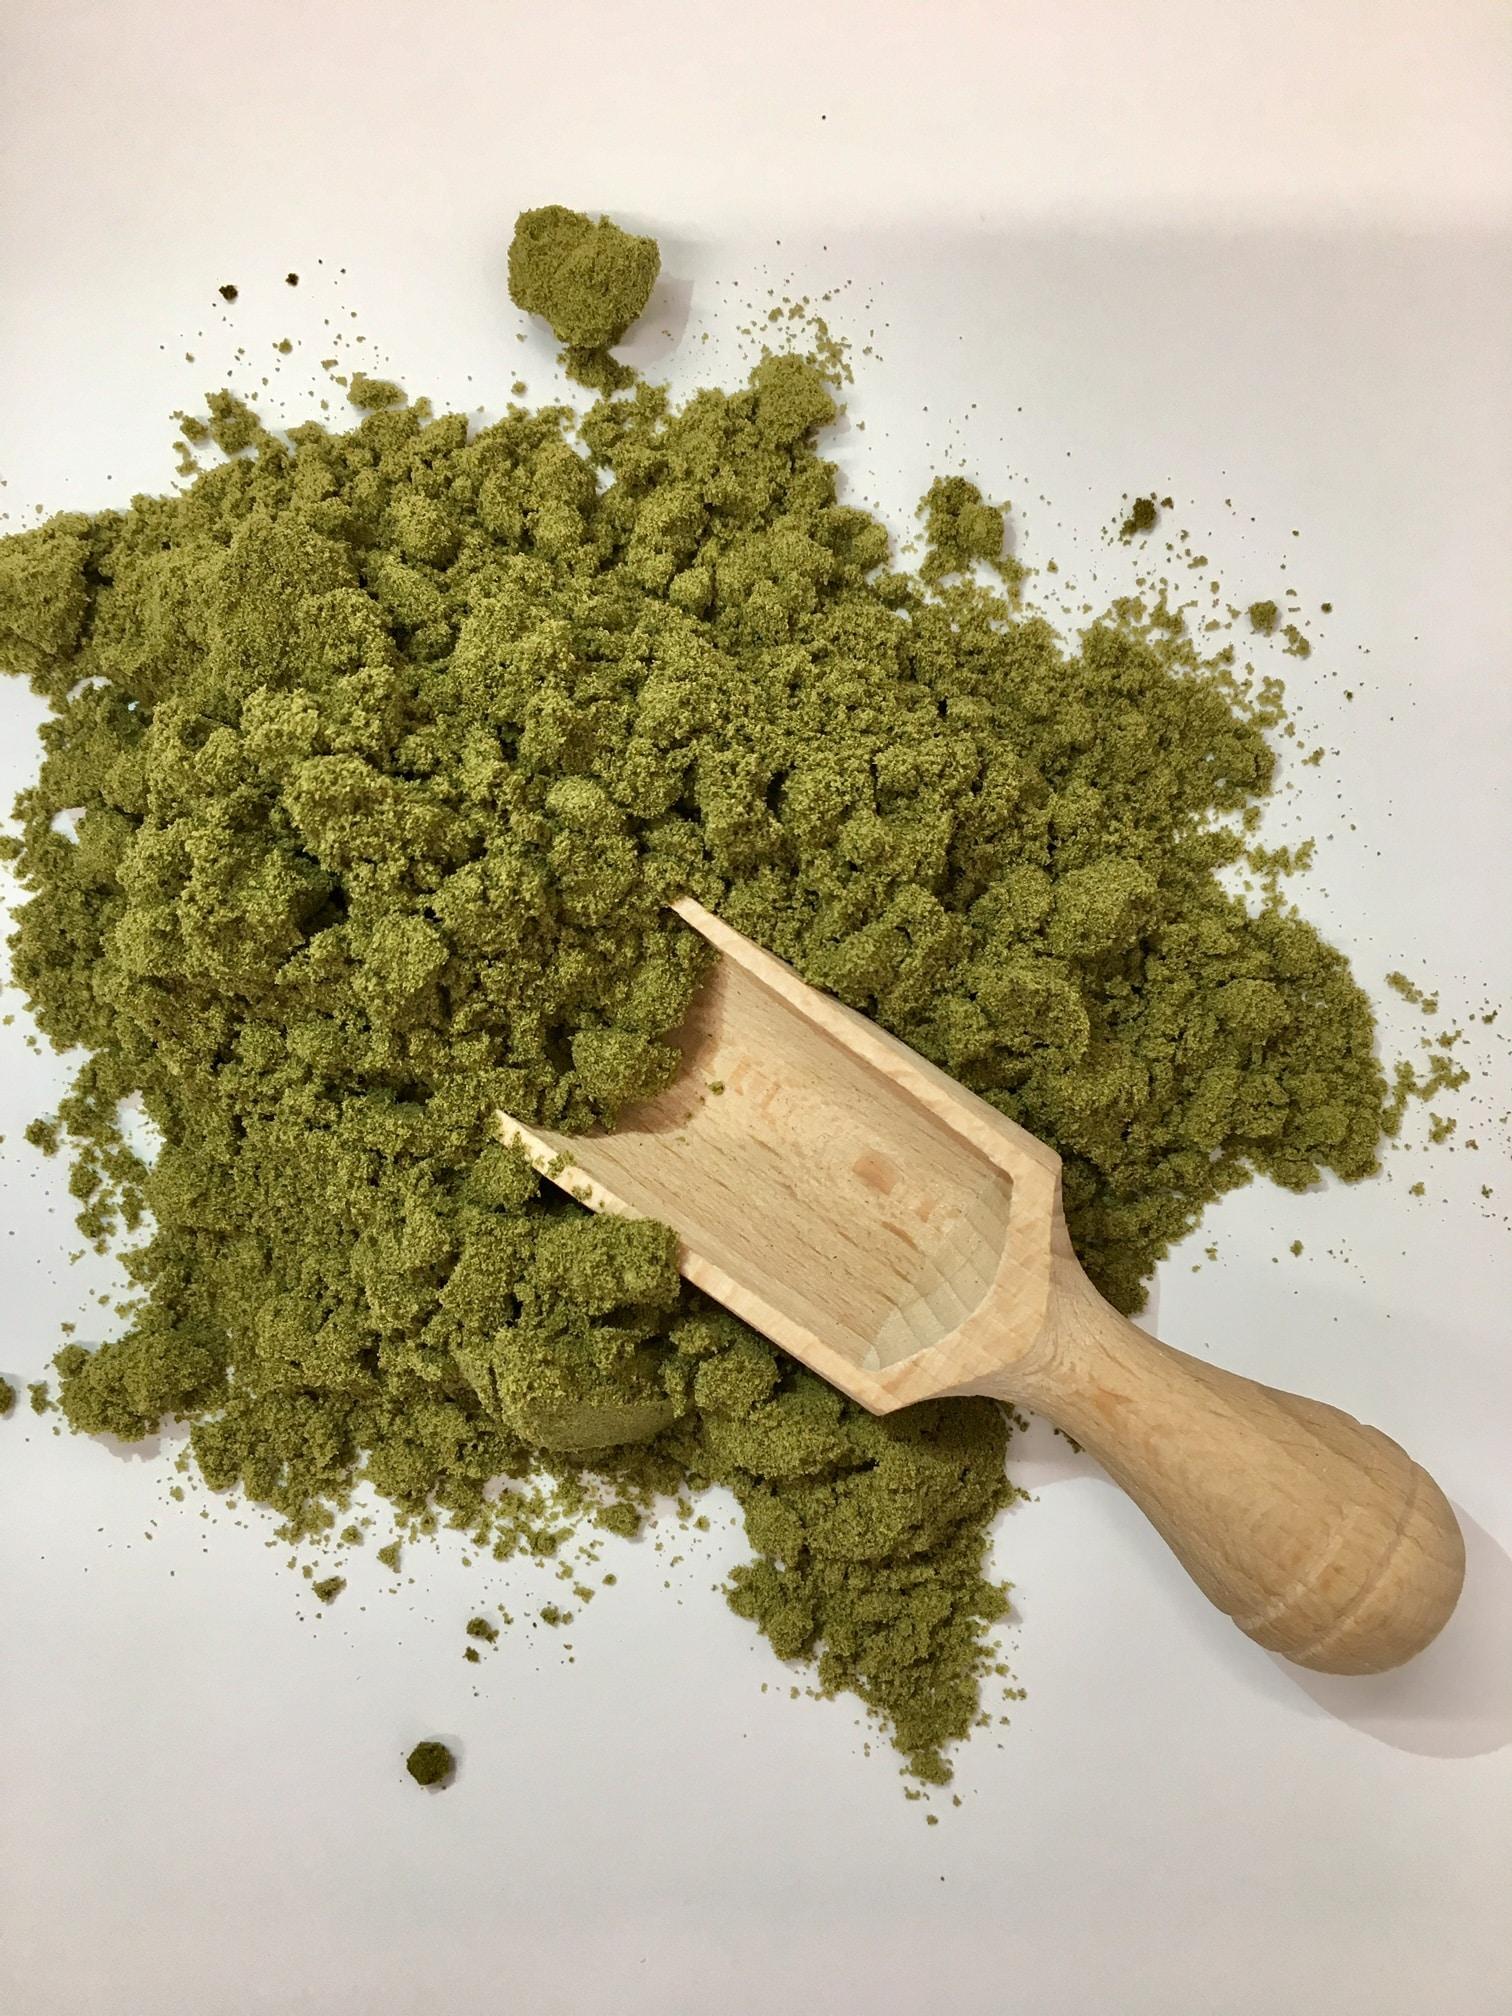 Bio Hanfprotein 50% vegan Protein von Premium Hanf aus Oesterreich von Hanfland lose